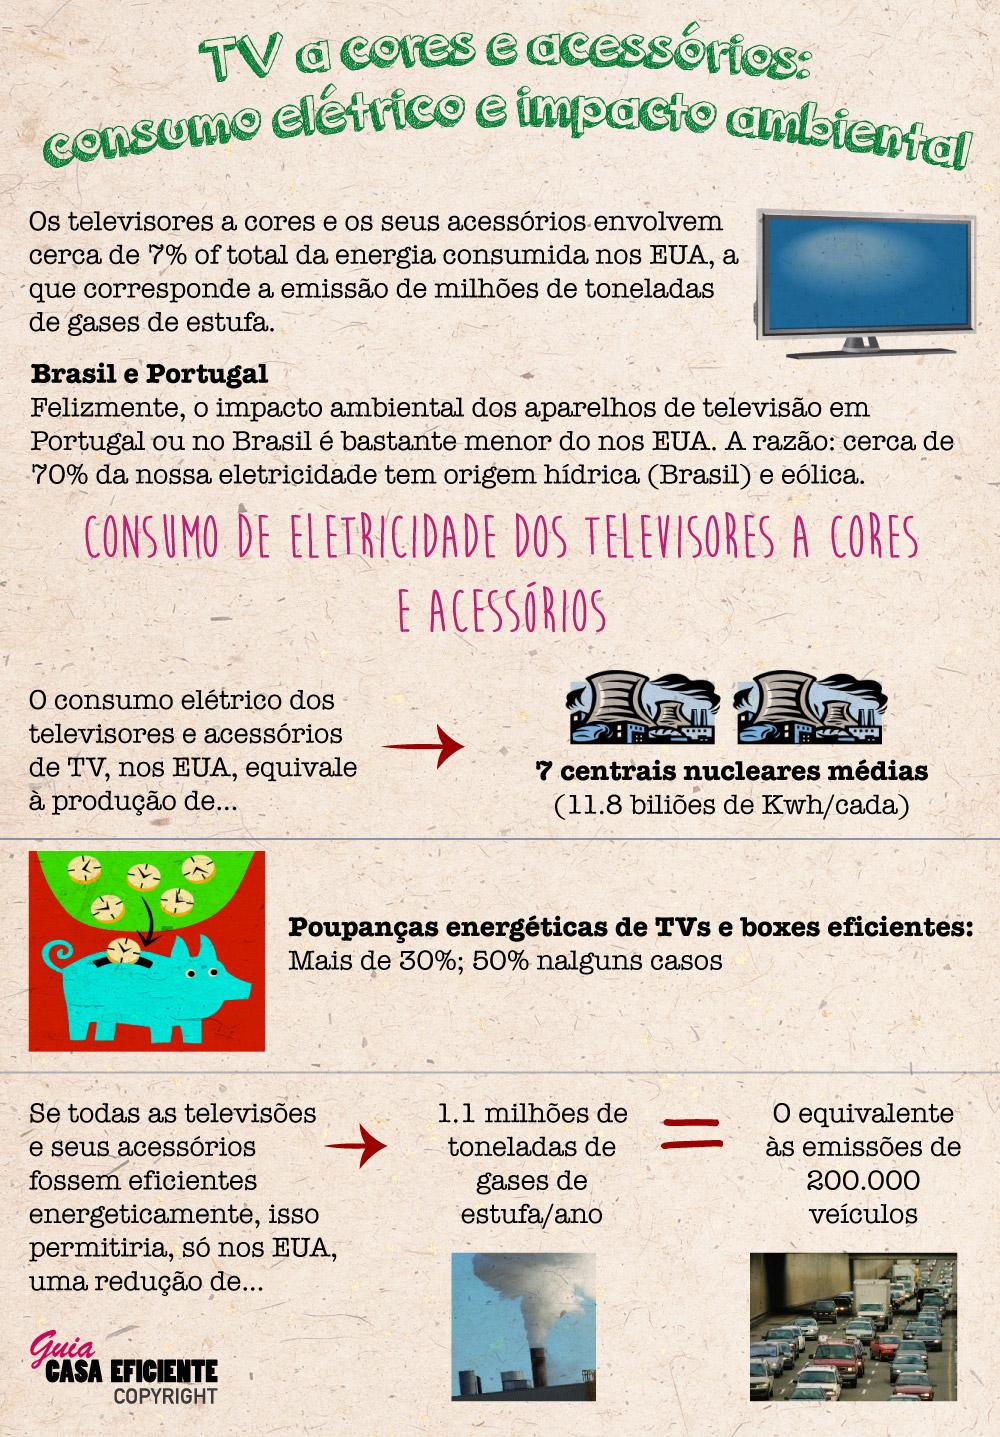 TVs a cores e acessórios: impacto ambiental e consumo energético